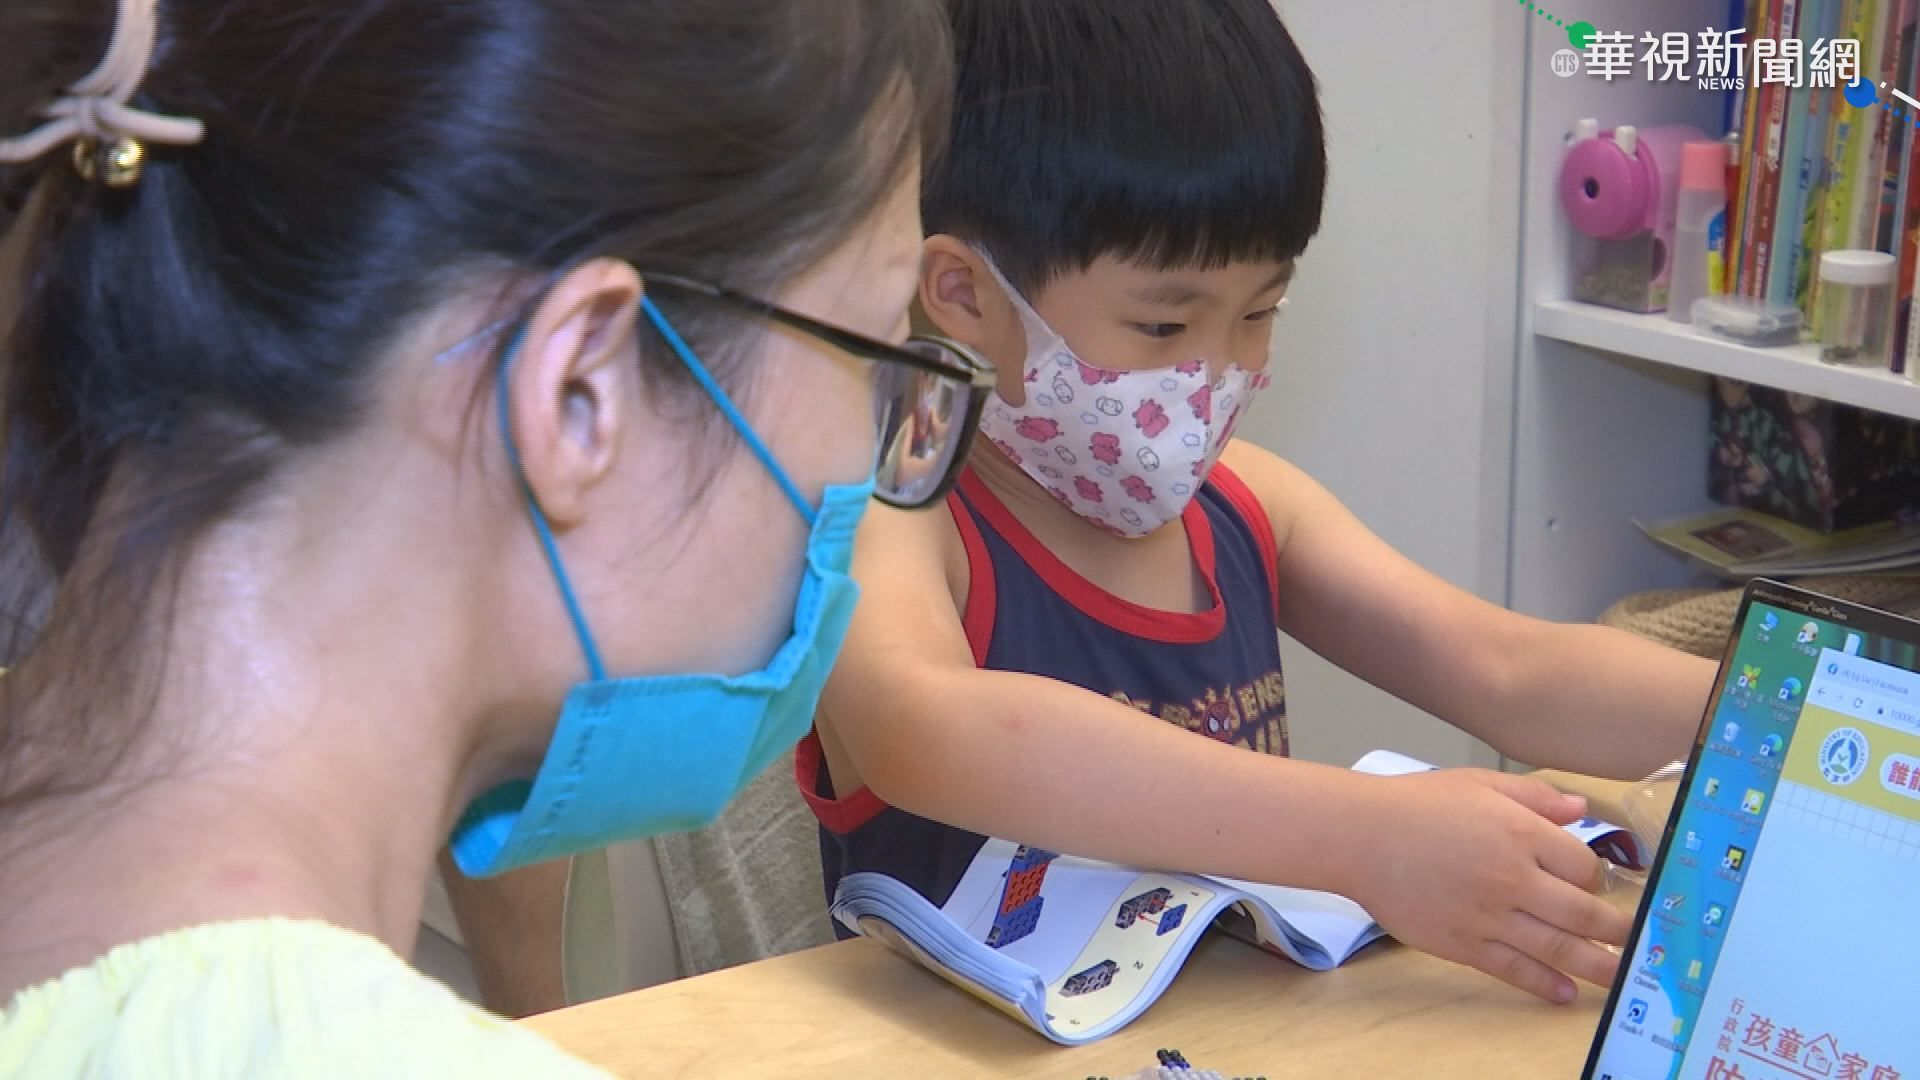 孩童家庭防疫補貼1萬 今開放網路申請